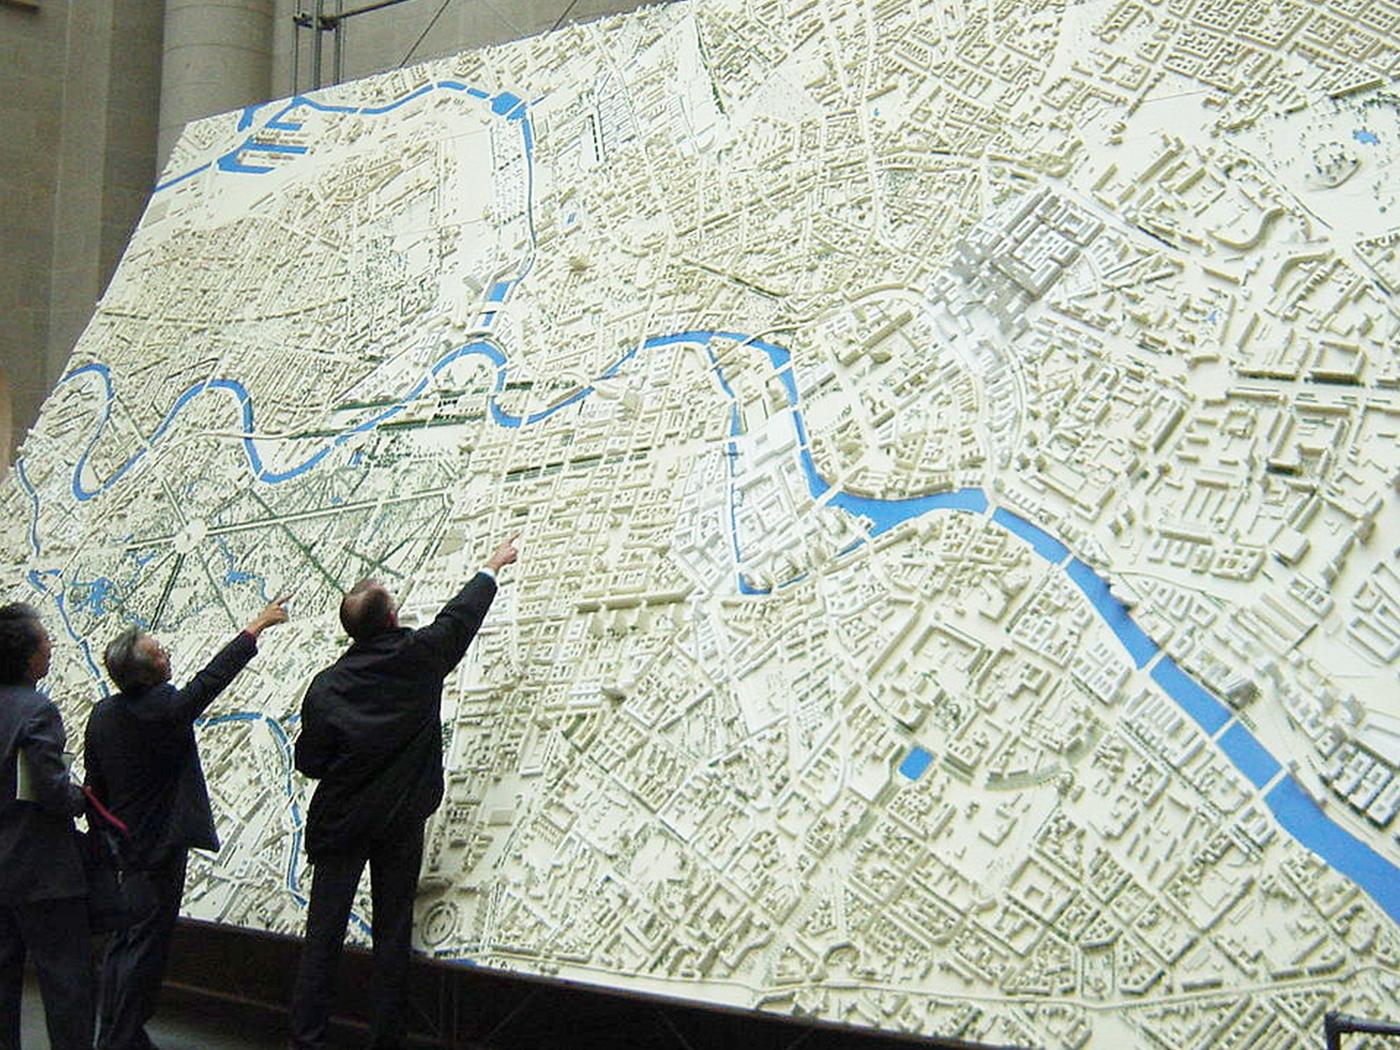 都市再生特別地区・都市計画提案制度の活用手法に関する調査